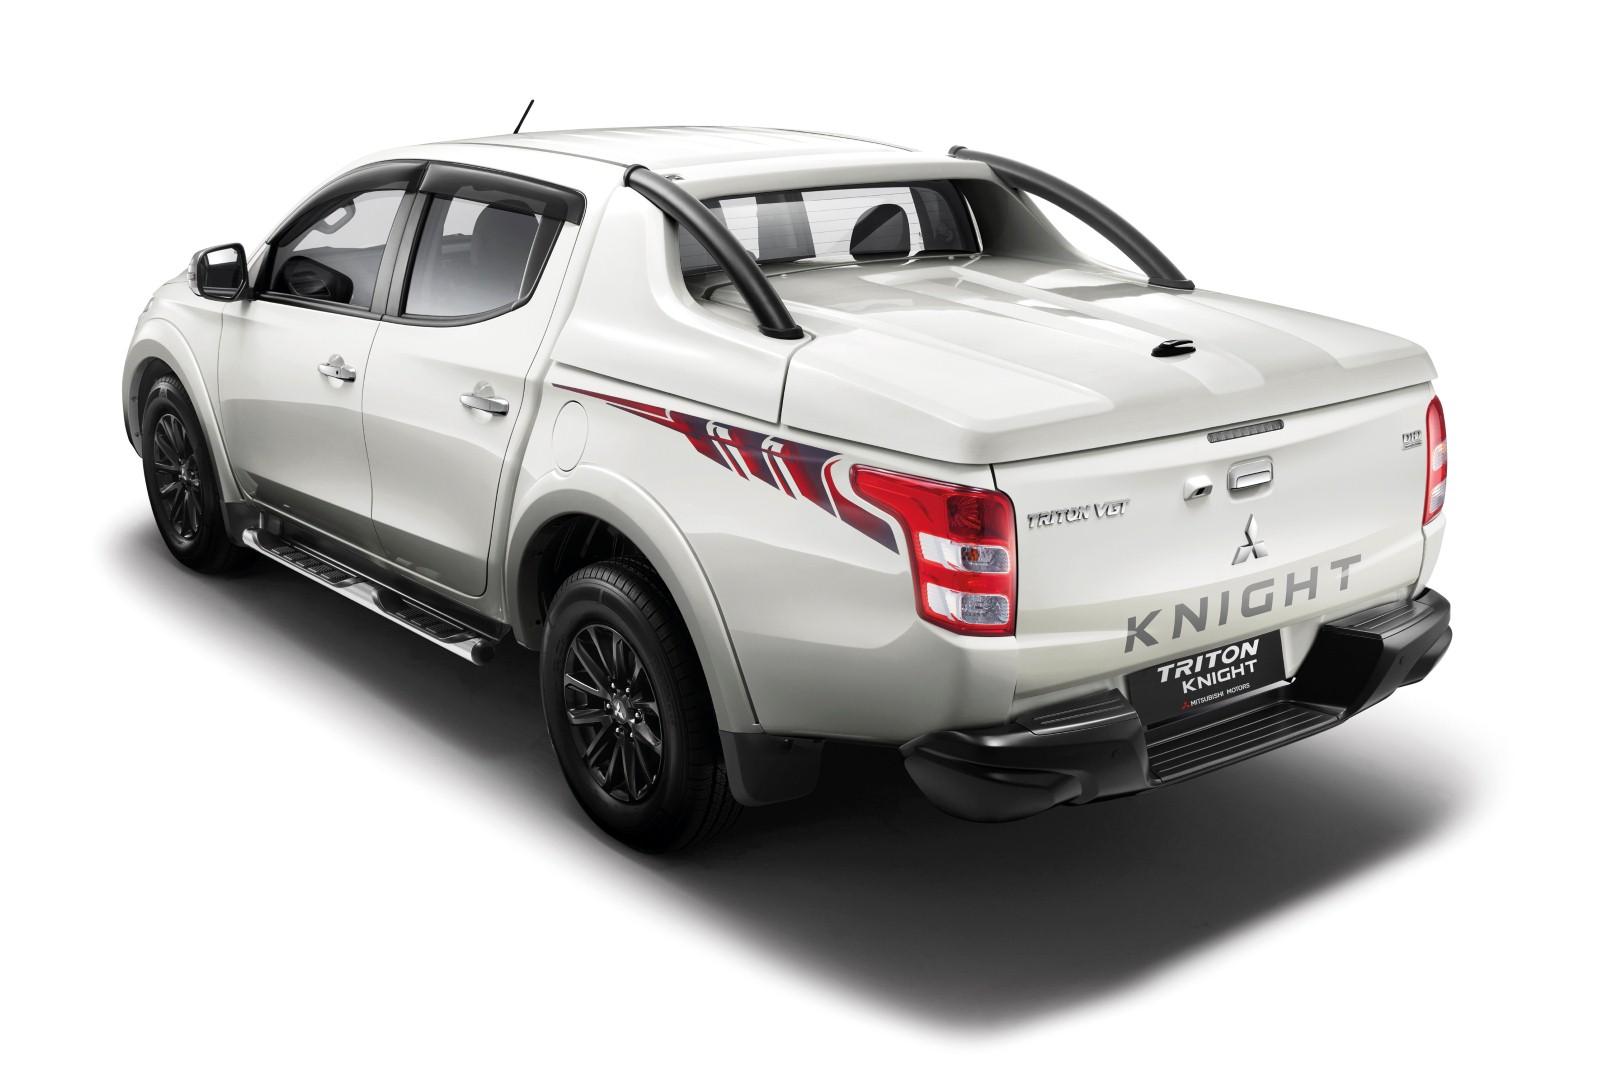 Mitsubishi Triton Knight Edition - 02 matte black rear bumper